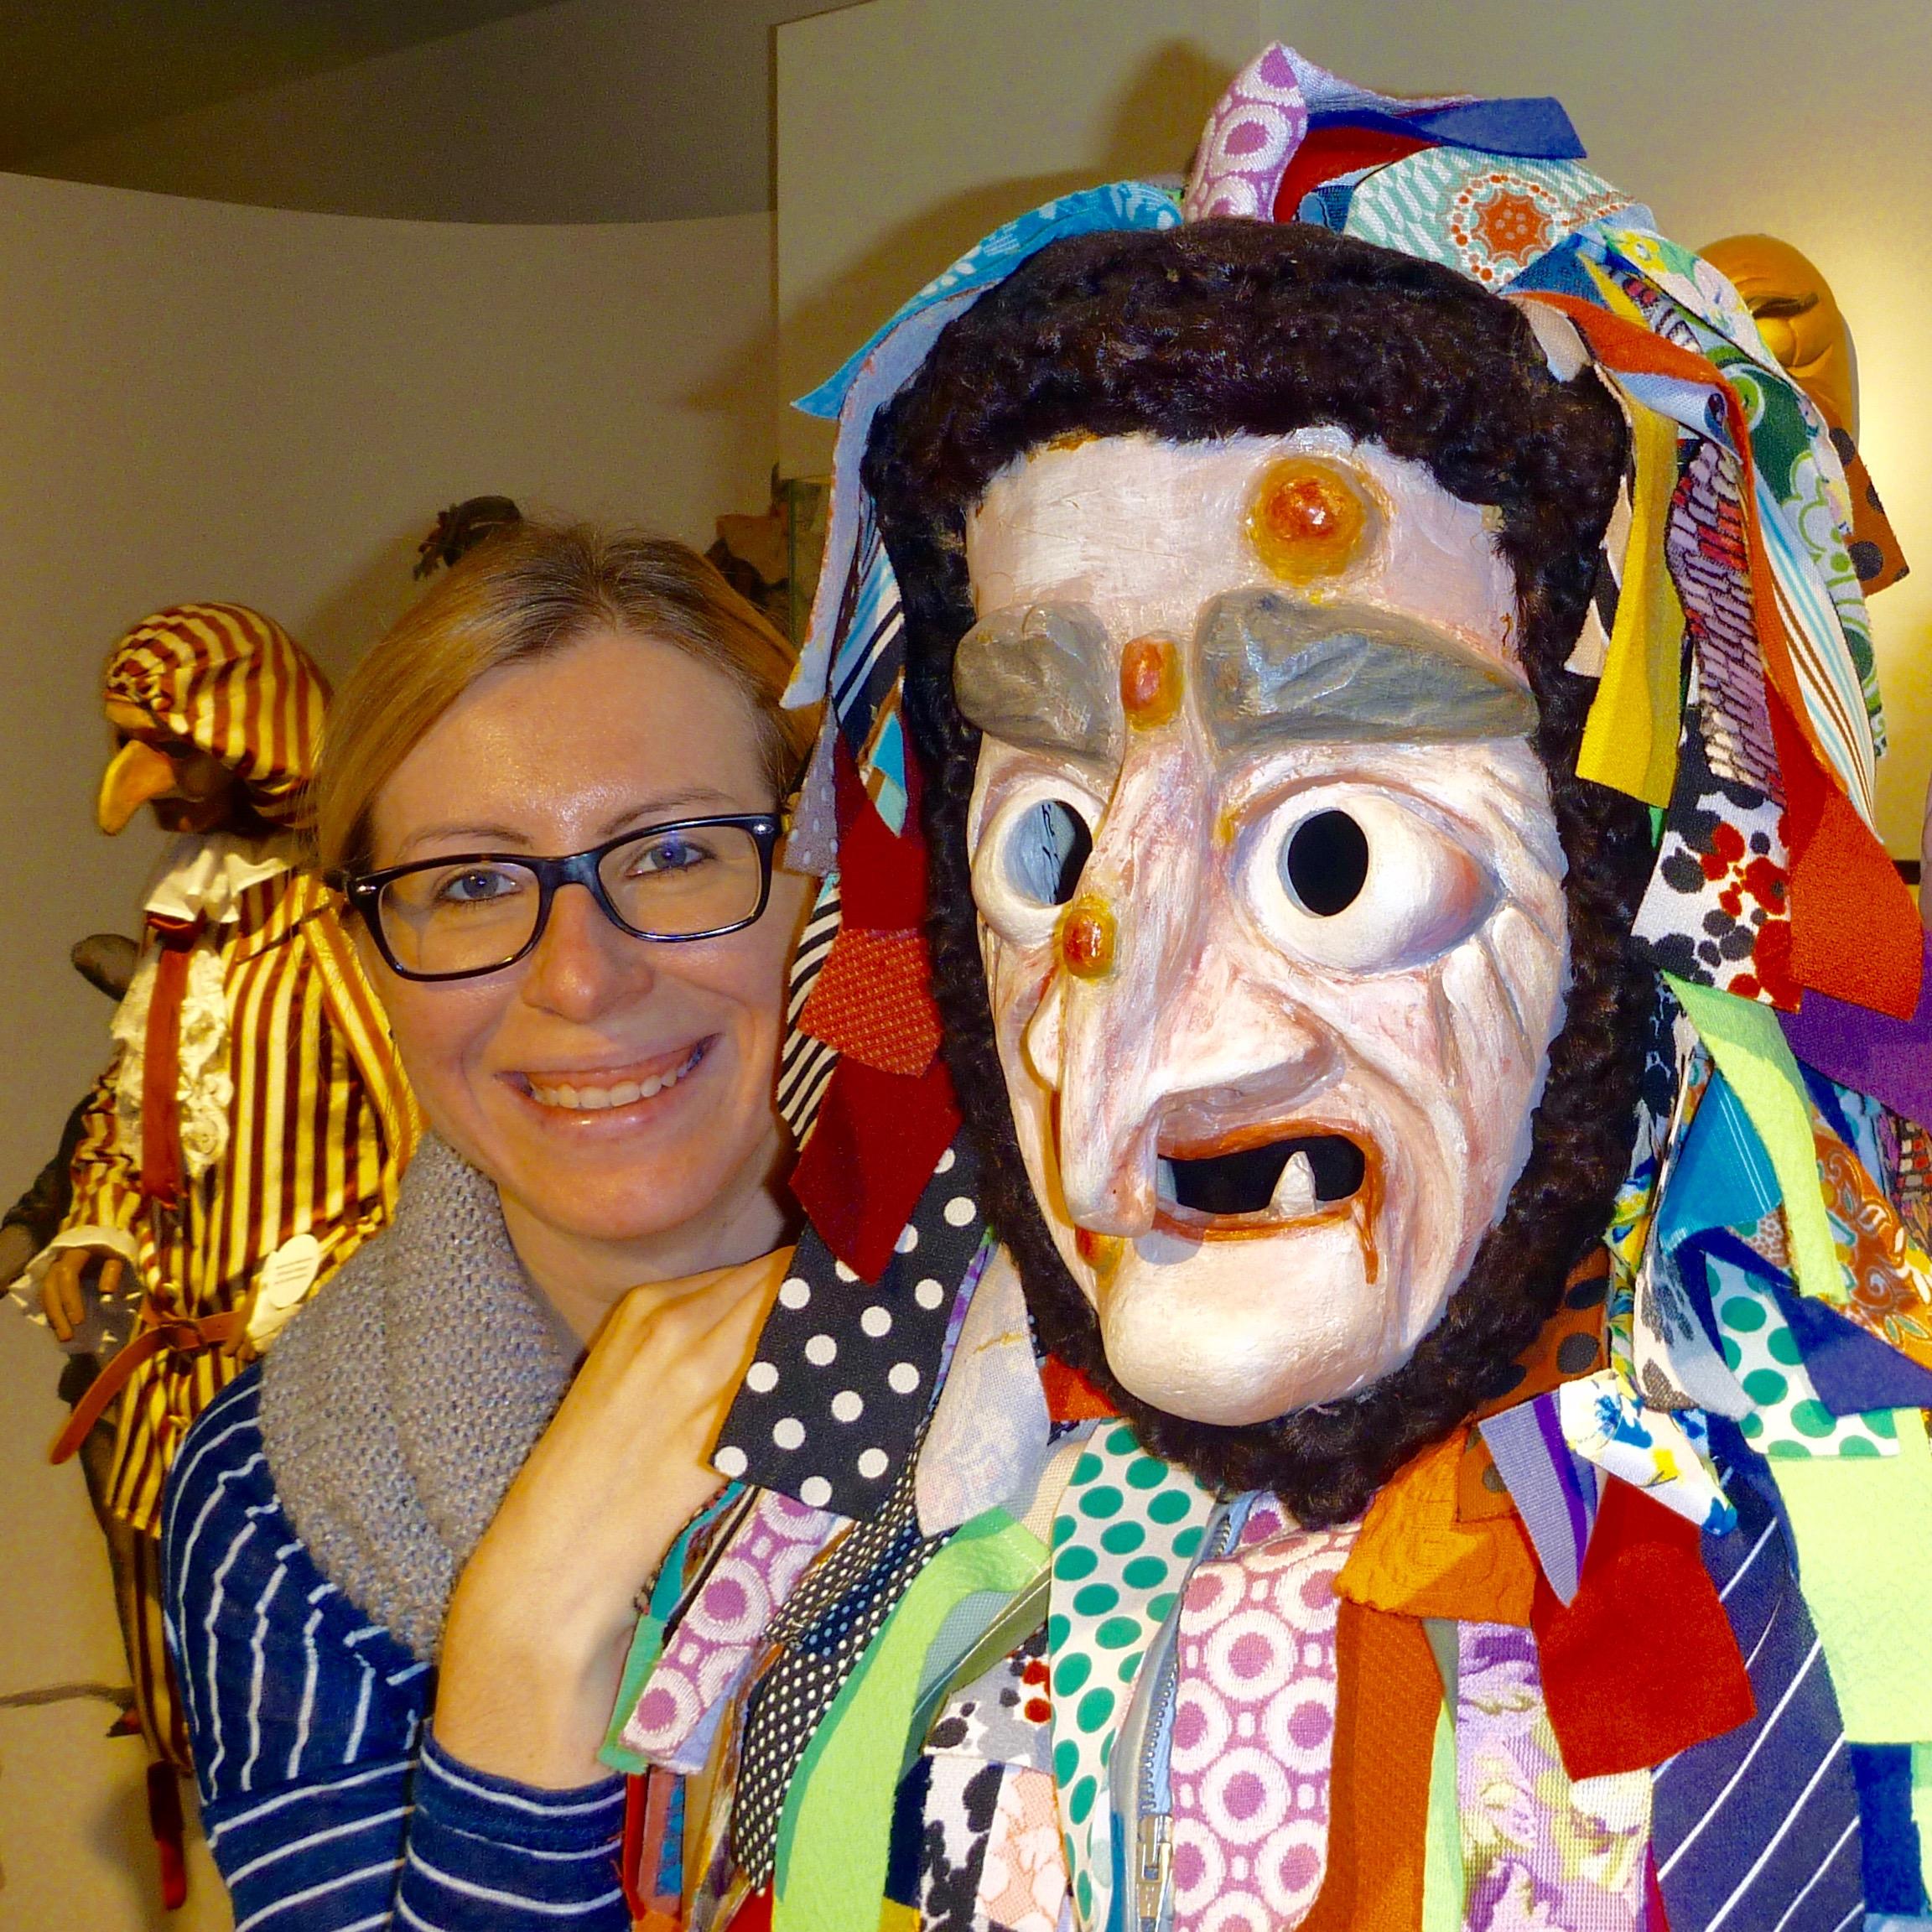 Daniela Sandner, Leiterin des Deutschen Fastnachtmuseums, mit einer Allersberger Flecklashex. | Foto: B. Schneider